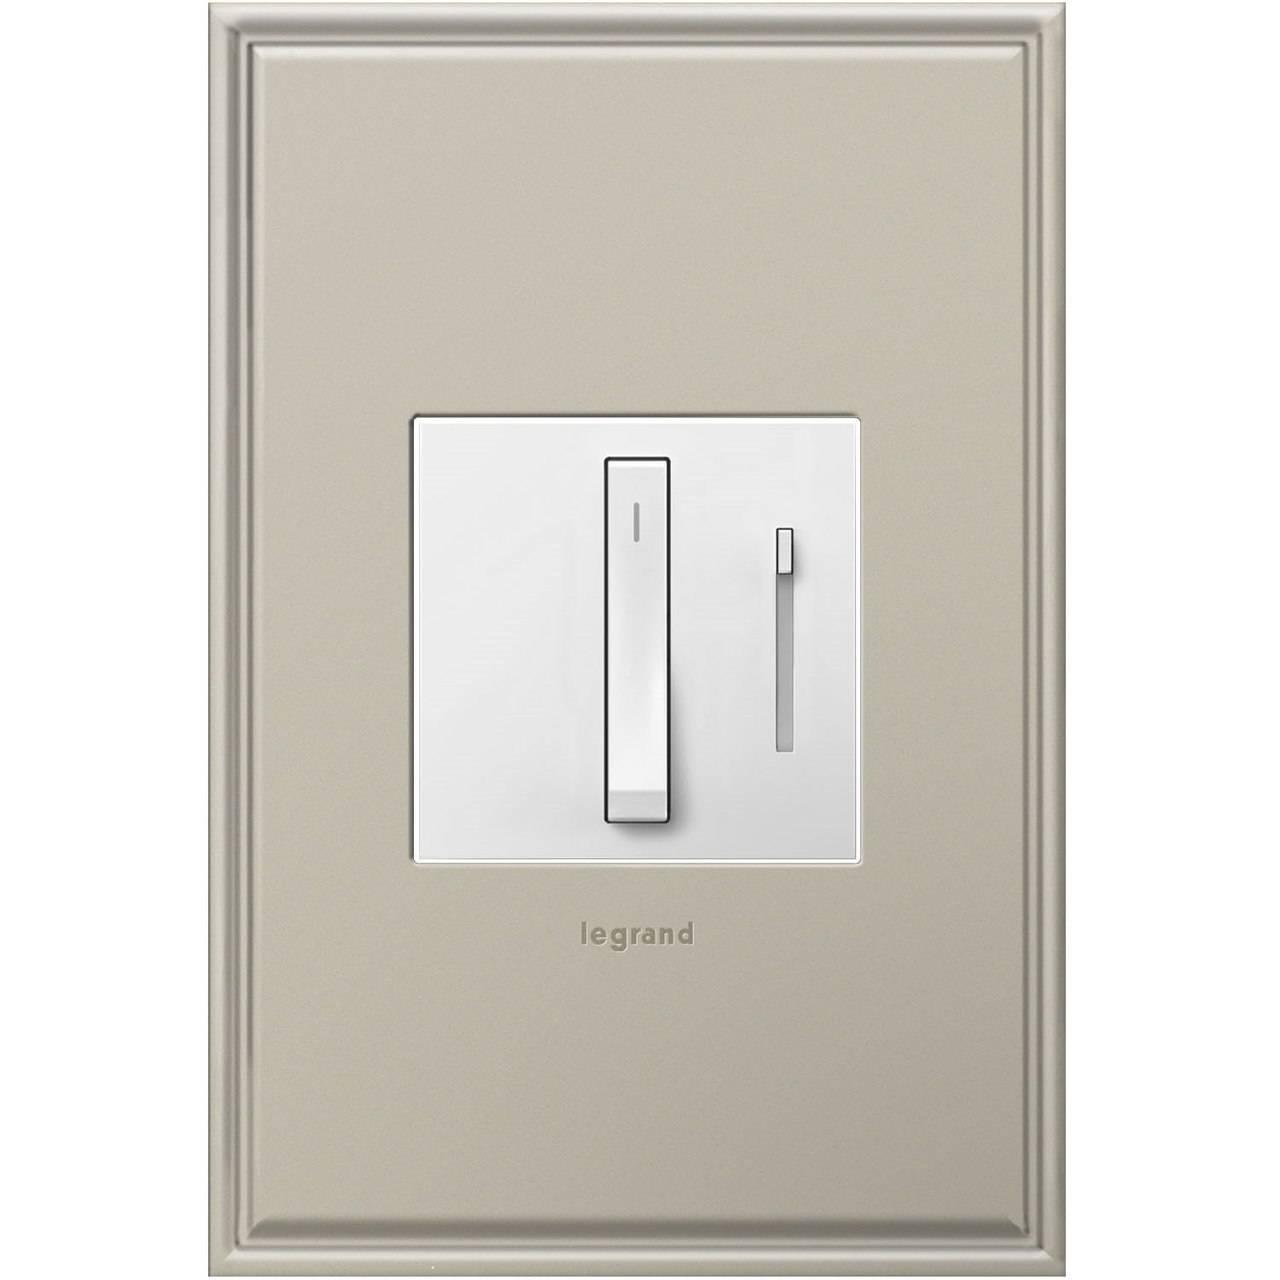 Legrand adorne whisper dimmer switch at brand LIghting